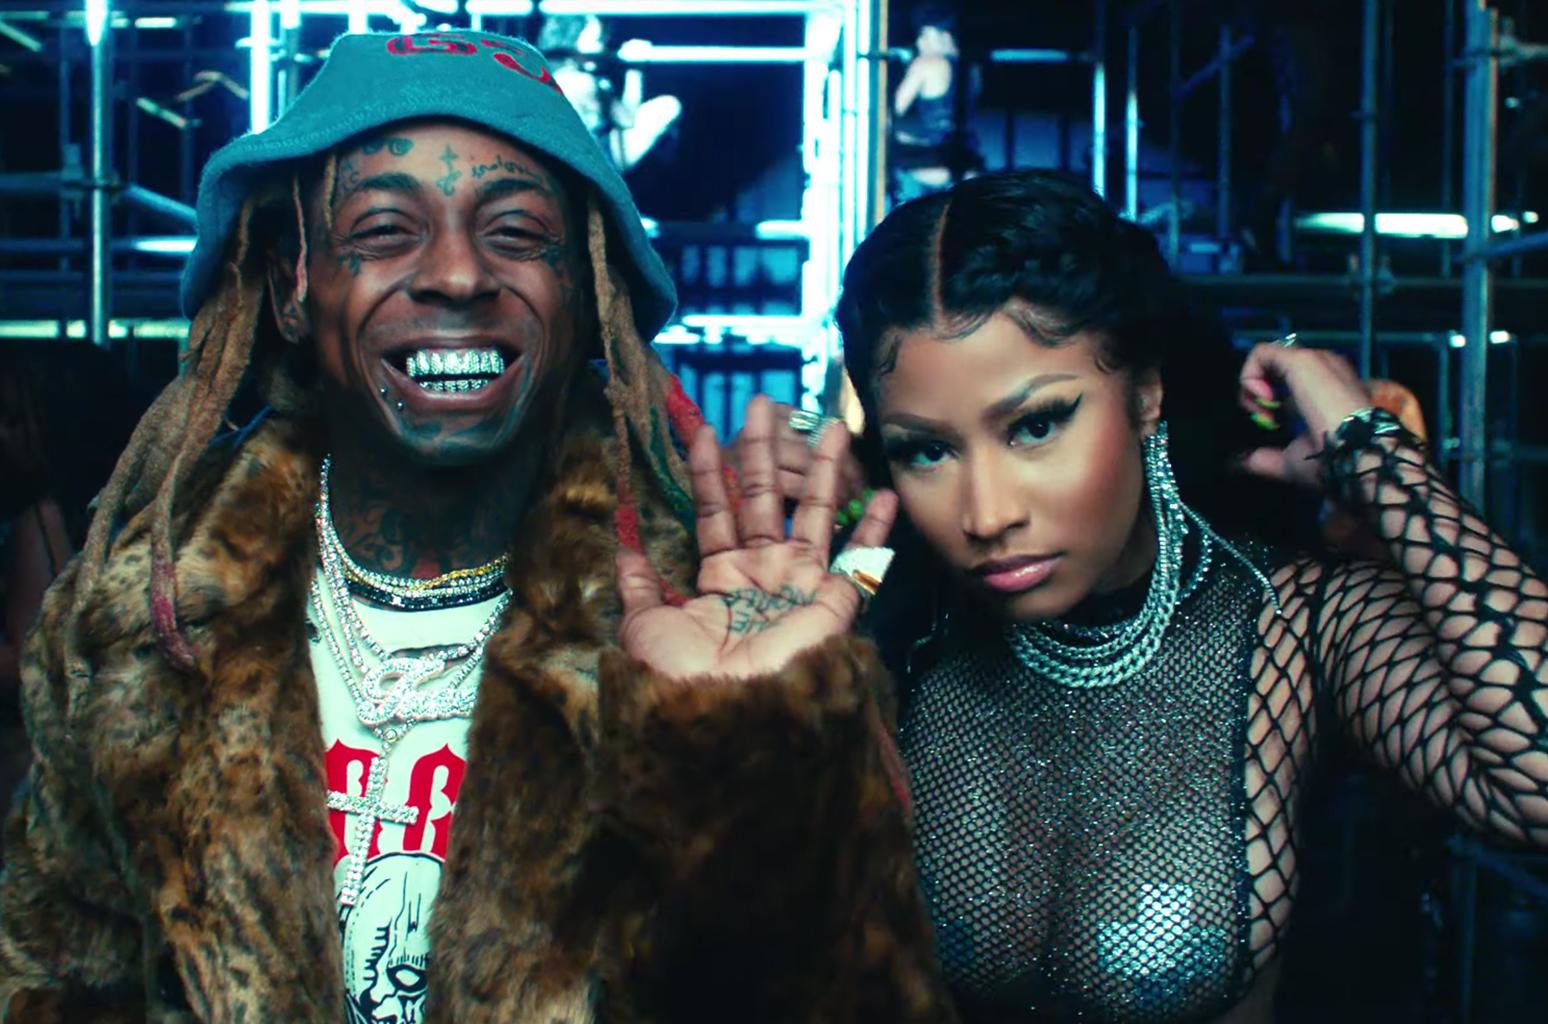 Nicki Minaj Will Spend New Year's Eve On Stage With Lil Wayne